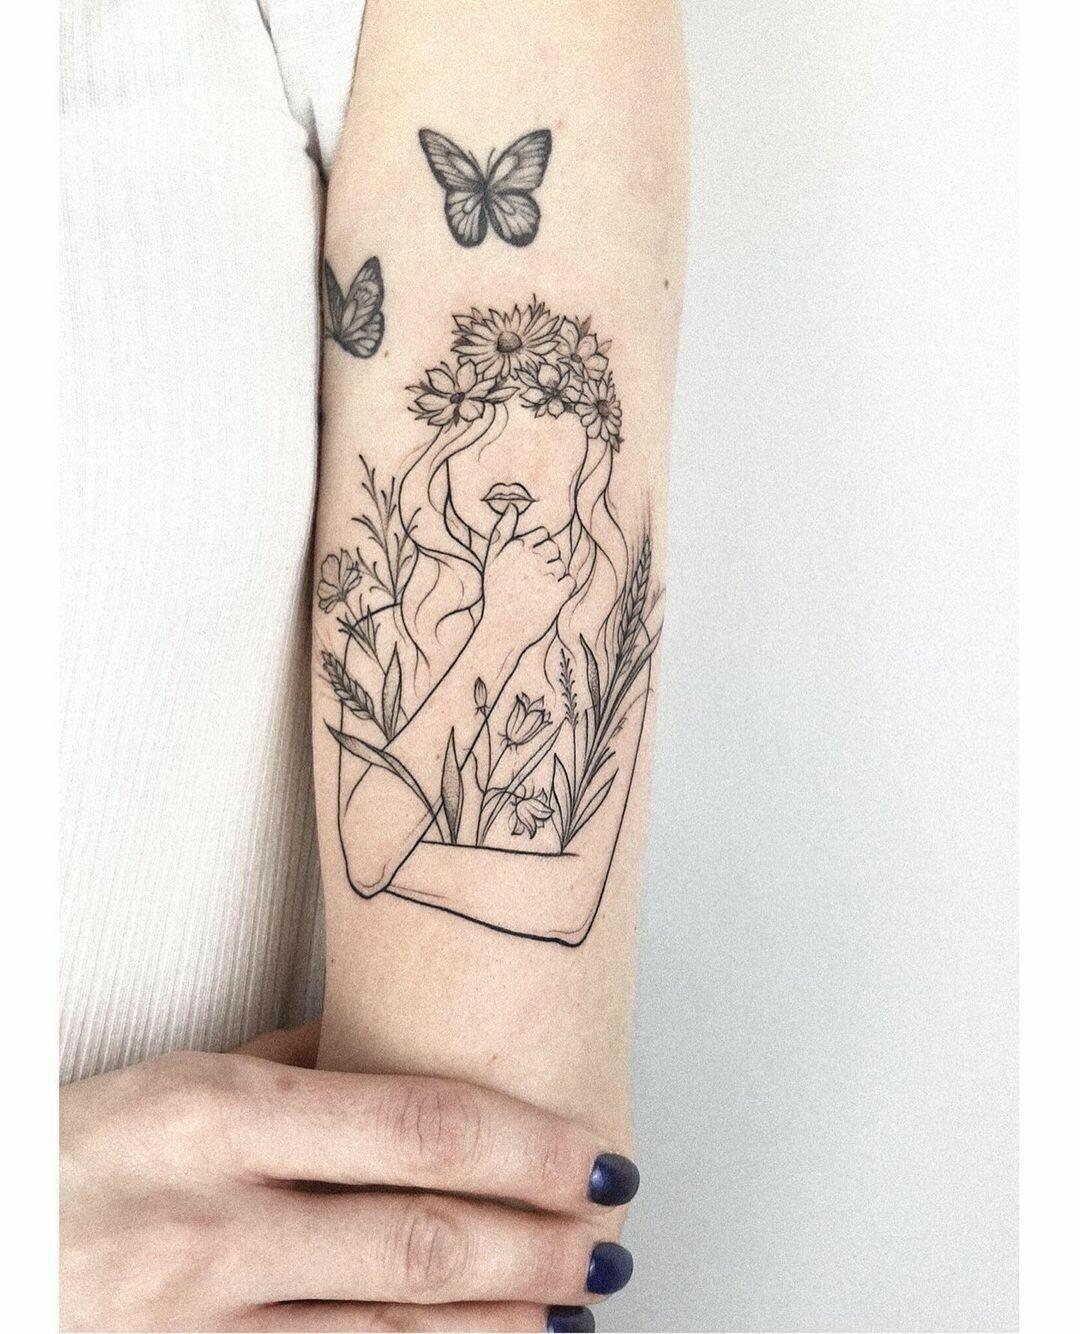 Inksearch tattoo Marta Chojnacka